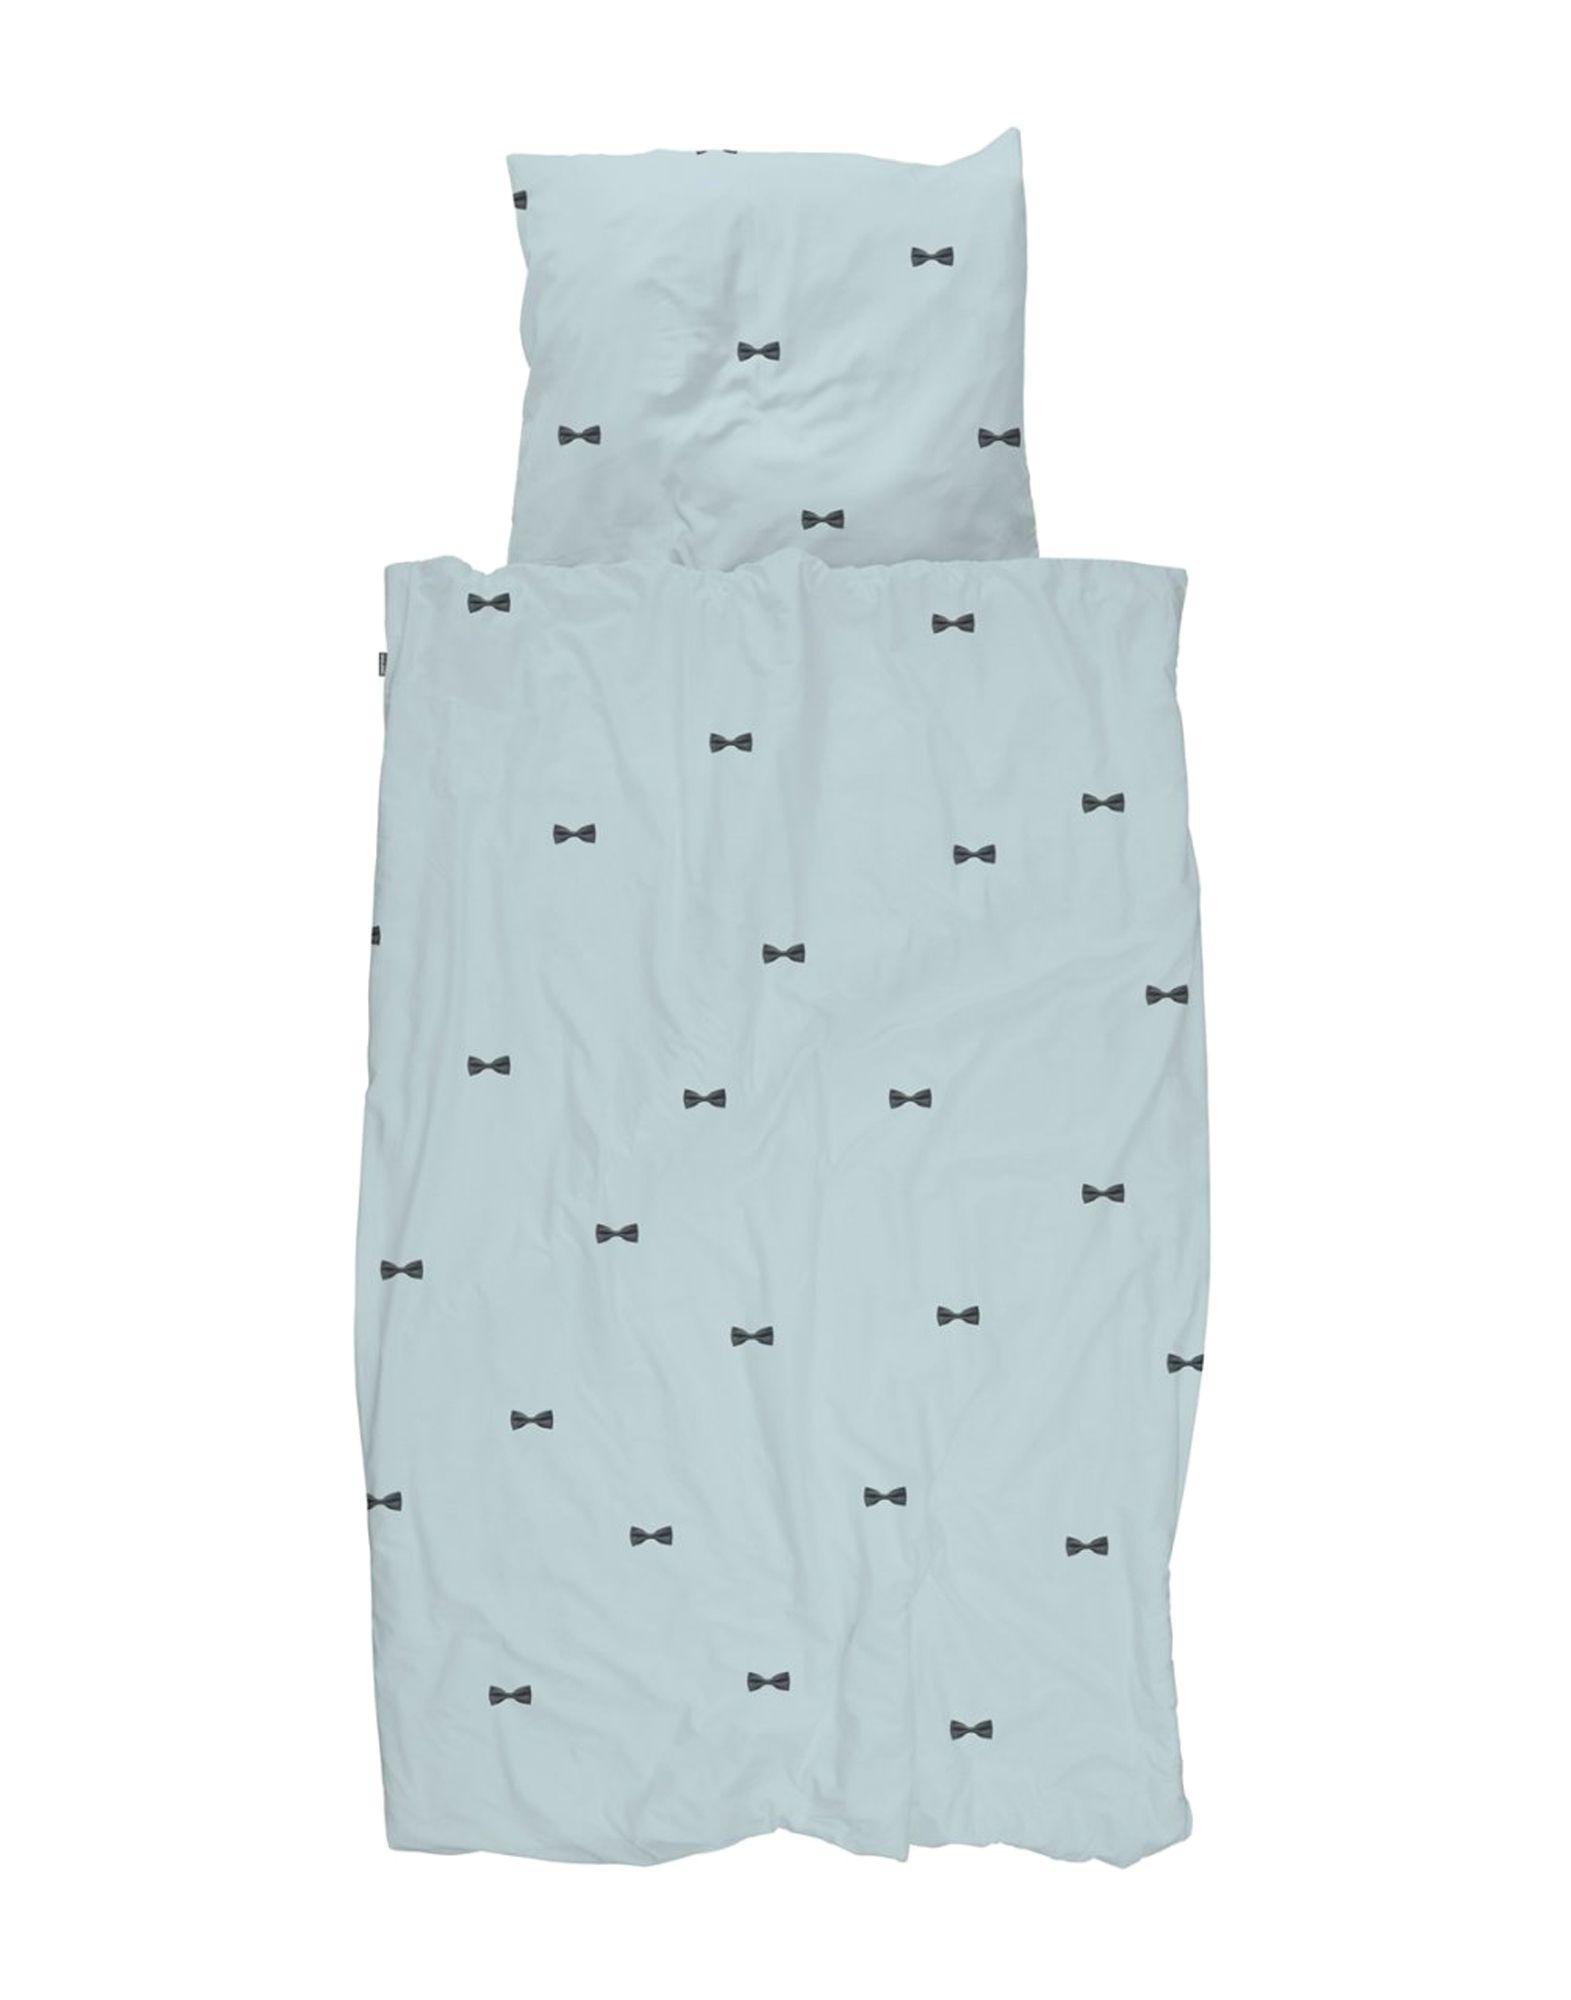 《セール開催中》SNURK メンズ 寝具セット(ピローケース+シーツ+羽毛カバー) スカイブルー コットン 100%